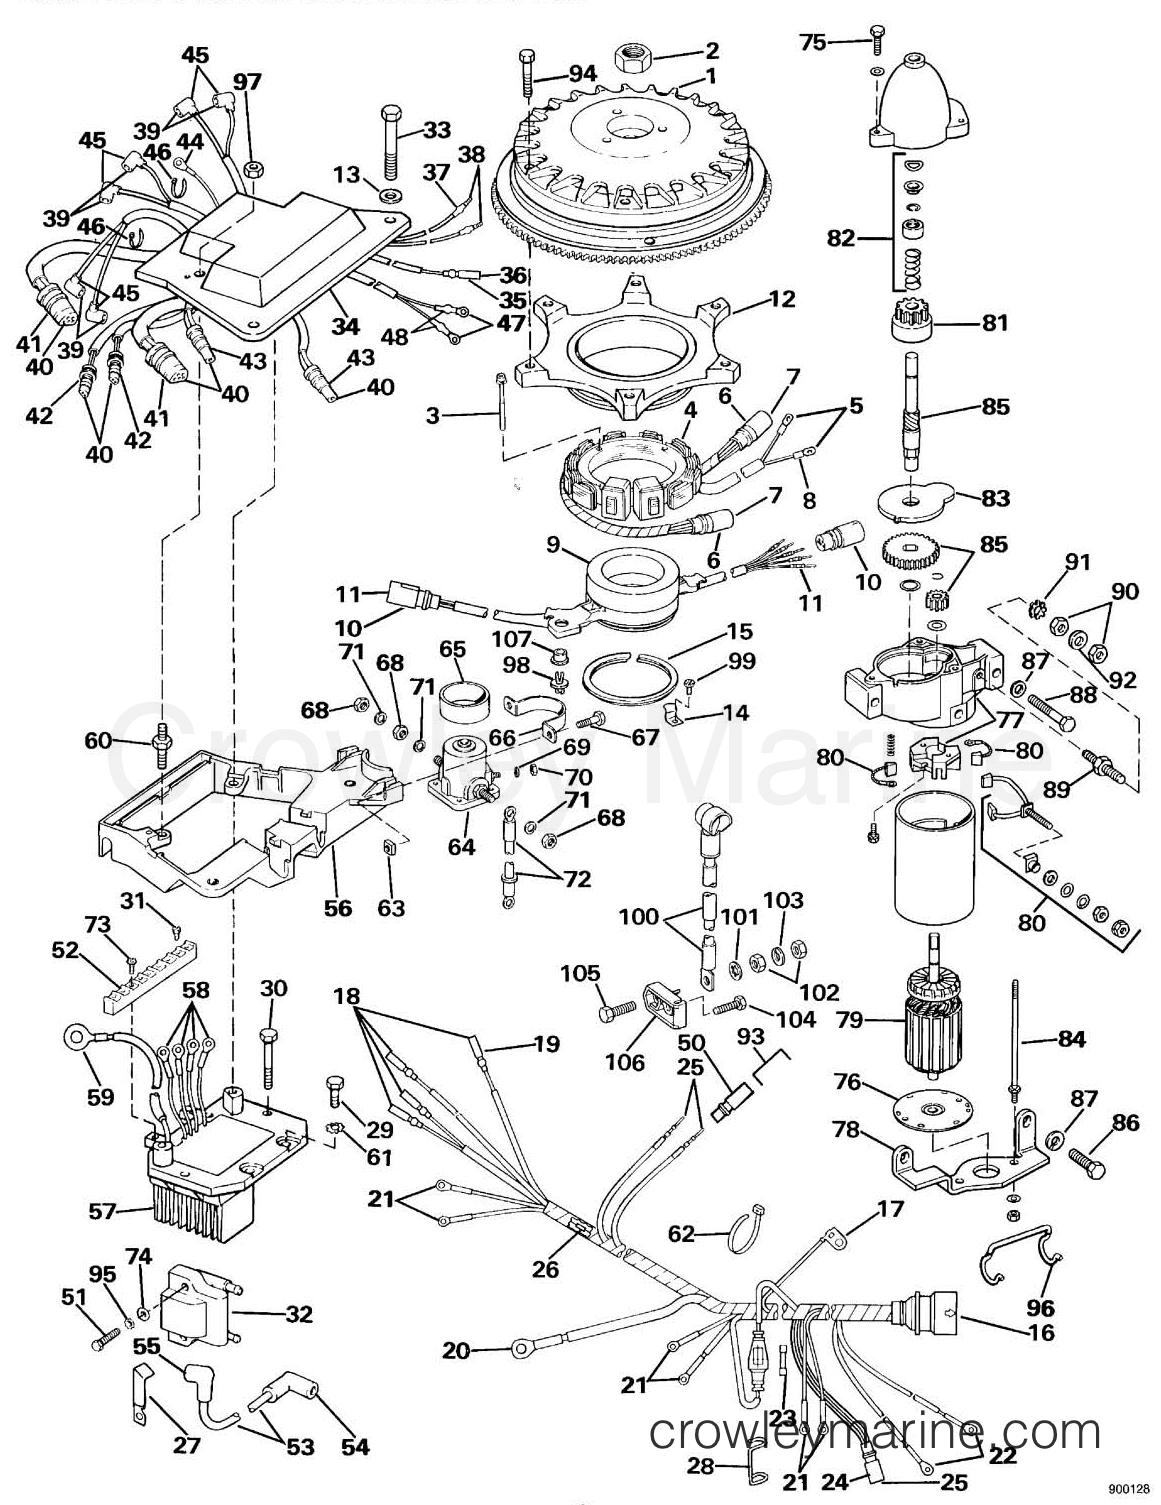 Ignition System Amp Starter Motor